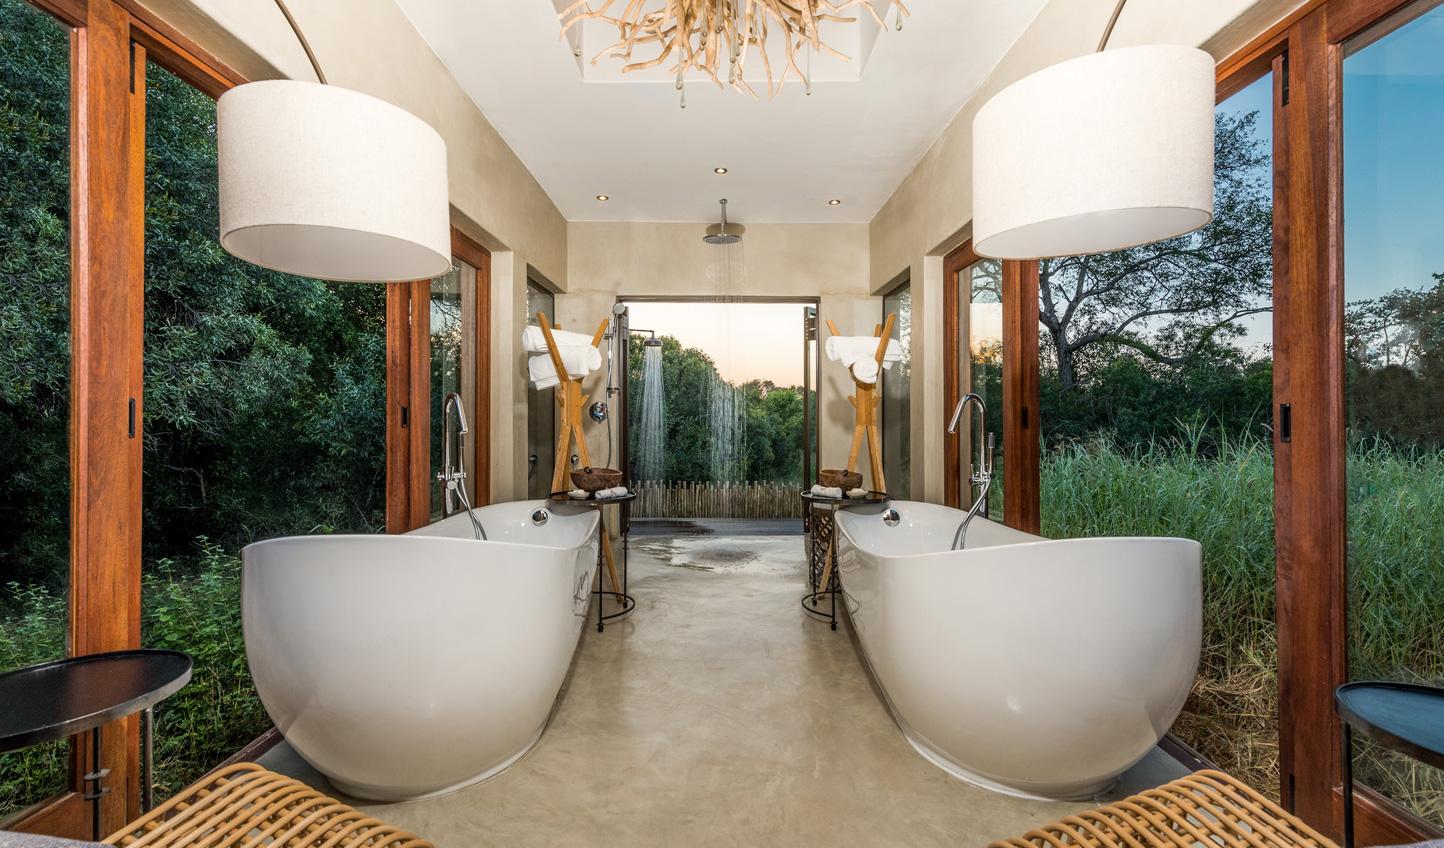 Bathe in style